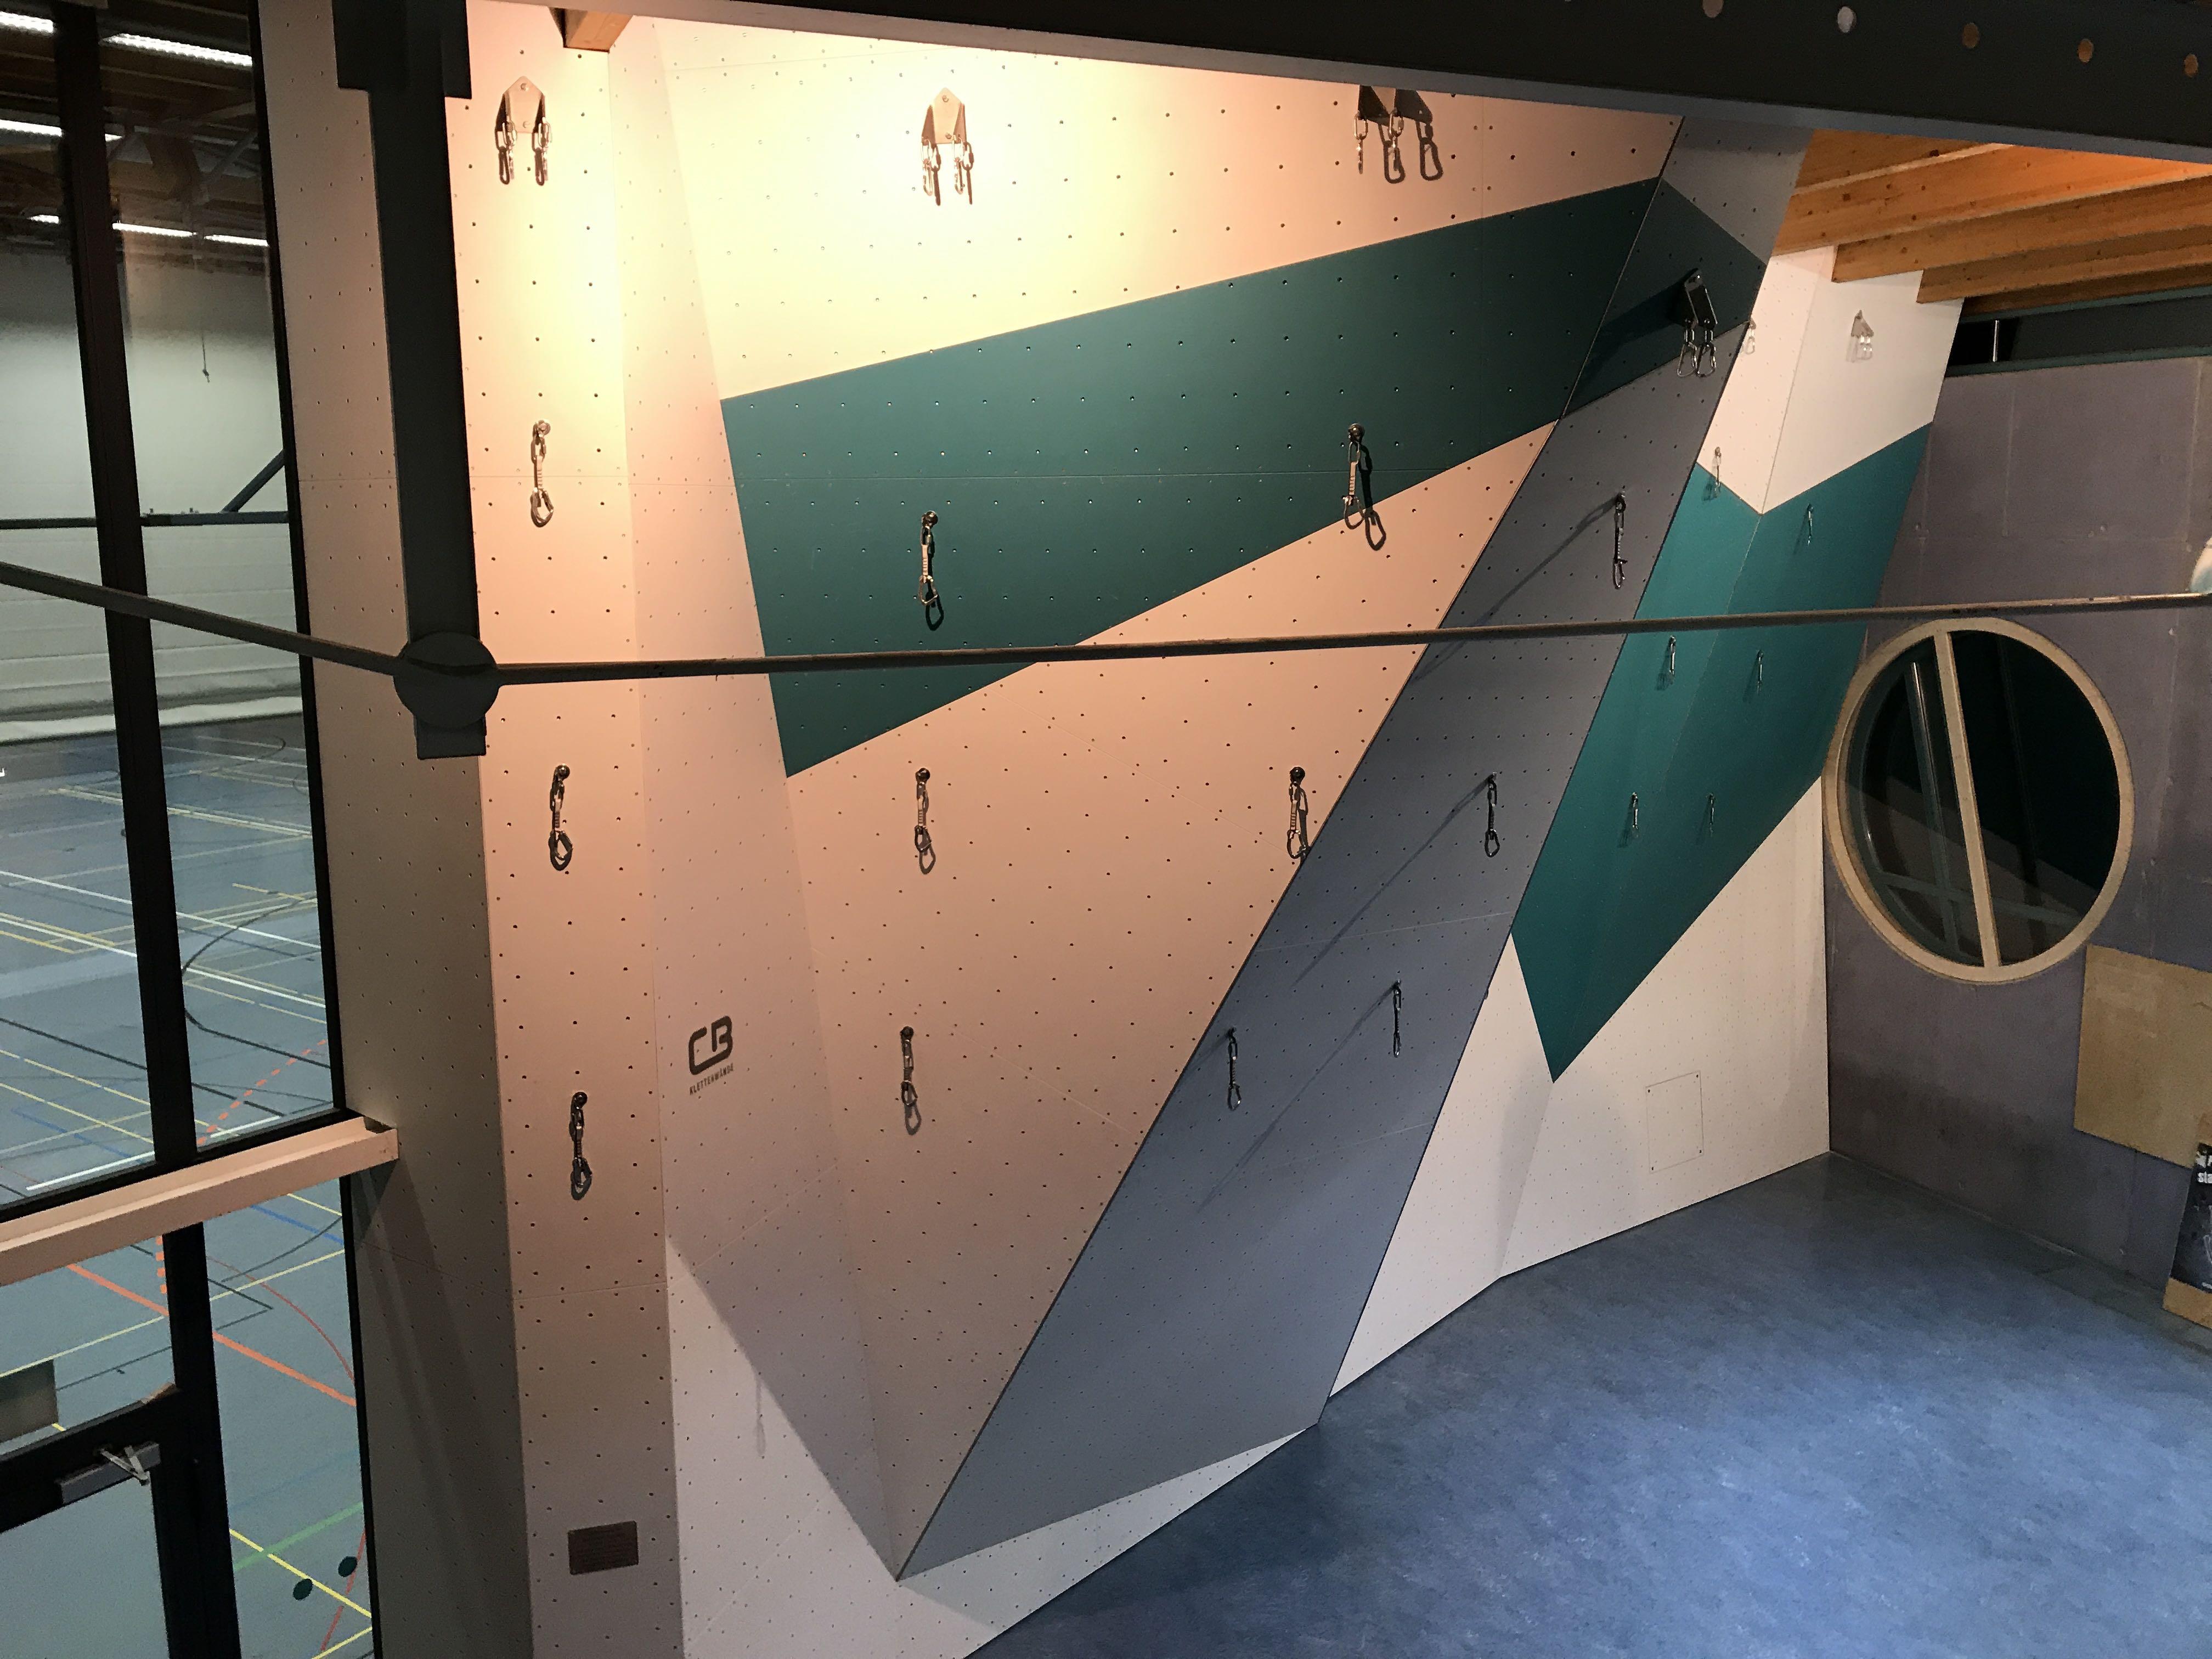 Kletterausrüstung Augsburg : Outdoor consulting u2013 planung konzeption und bau von kletteranlagen